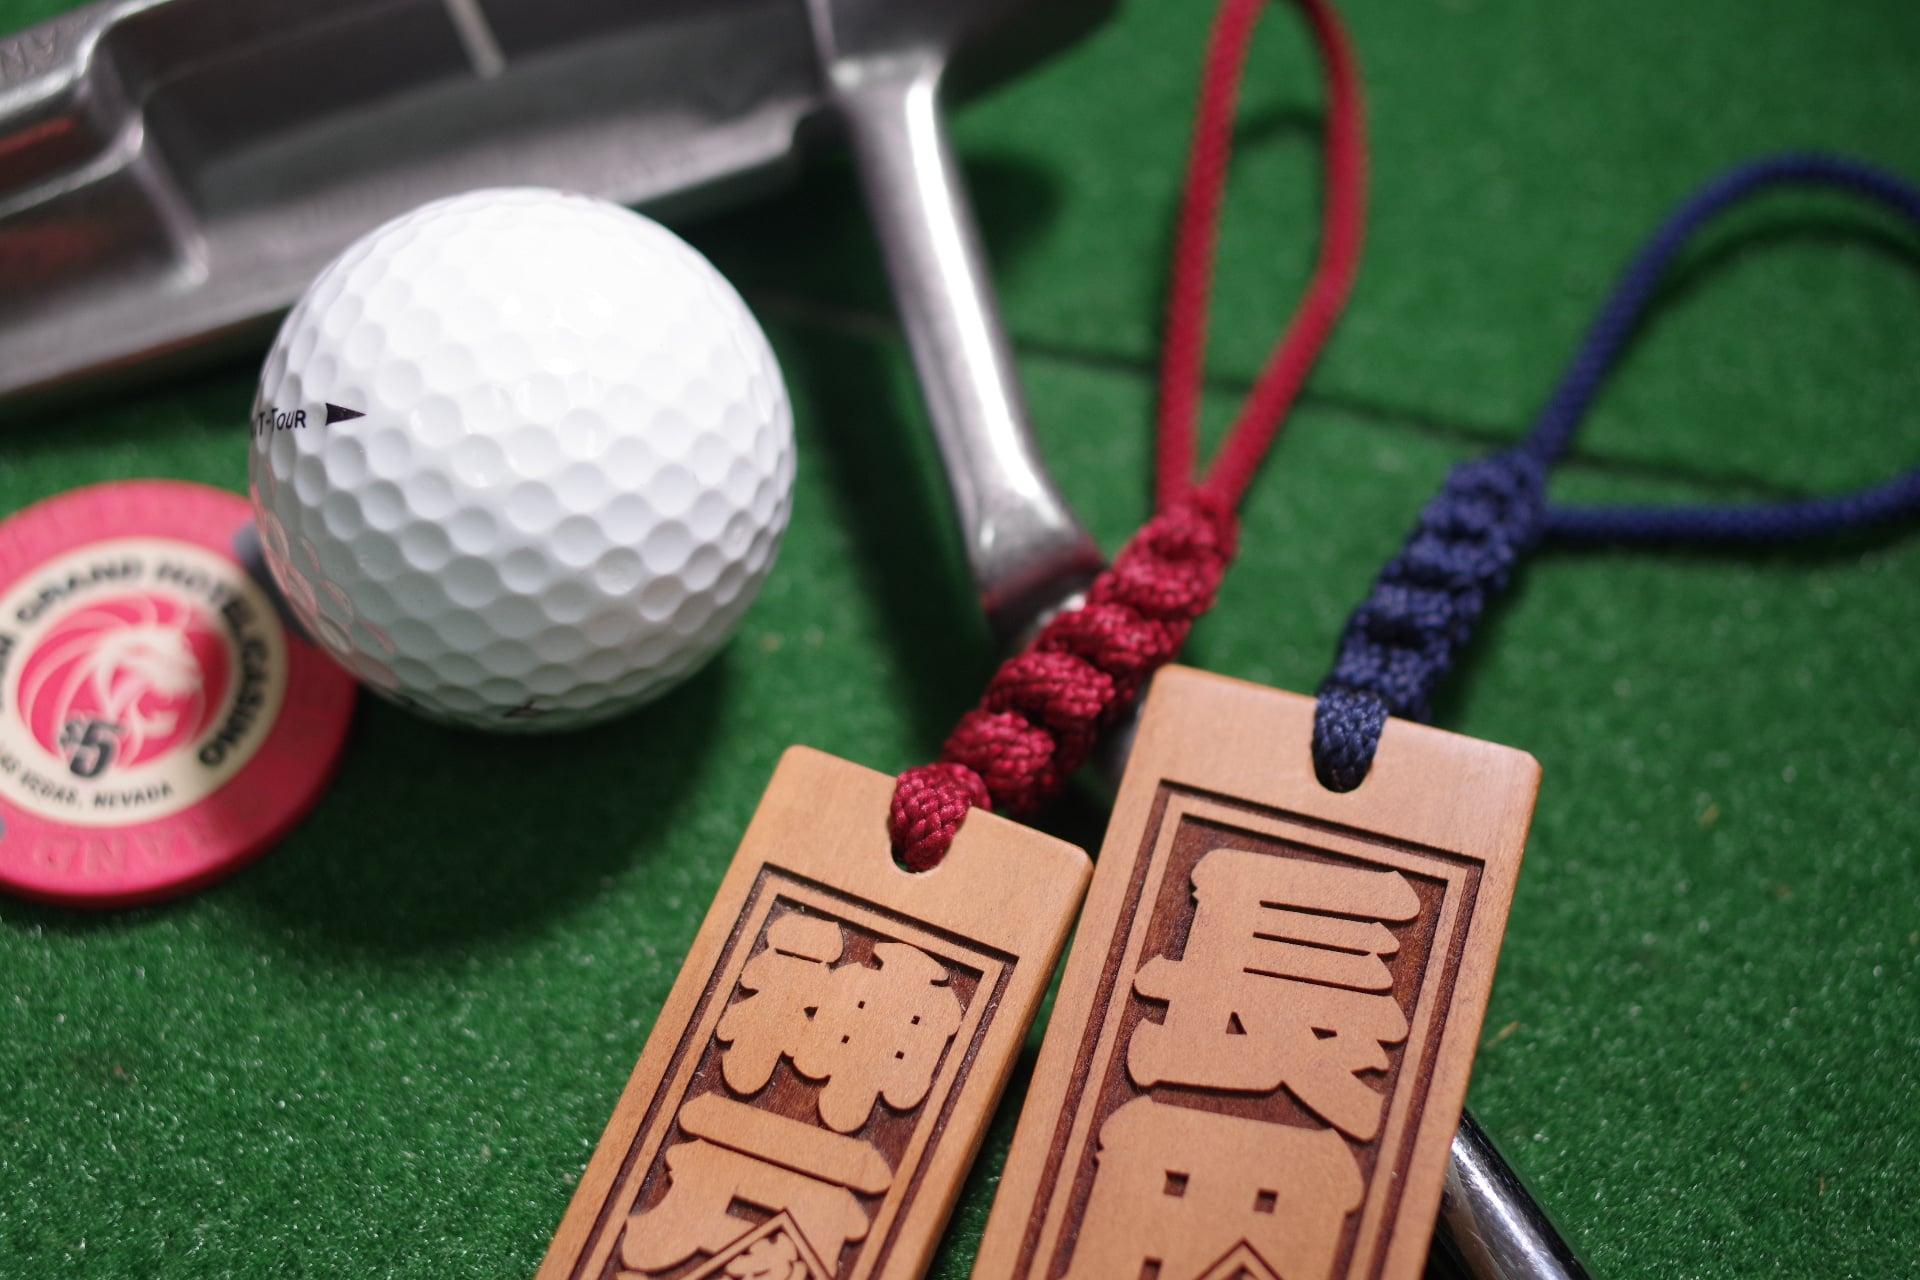 ゴルフネームタグで読みにくい名前を一目で読める!粋で和風な自然素材「木札」